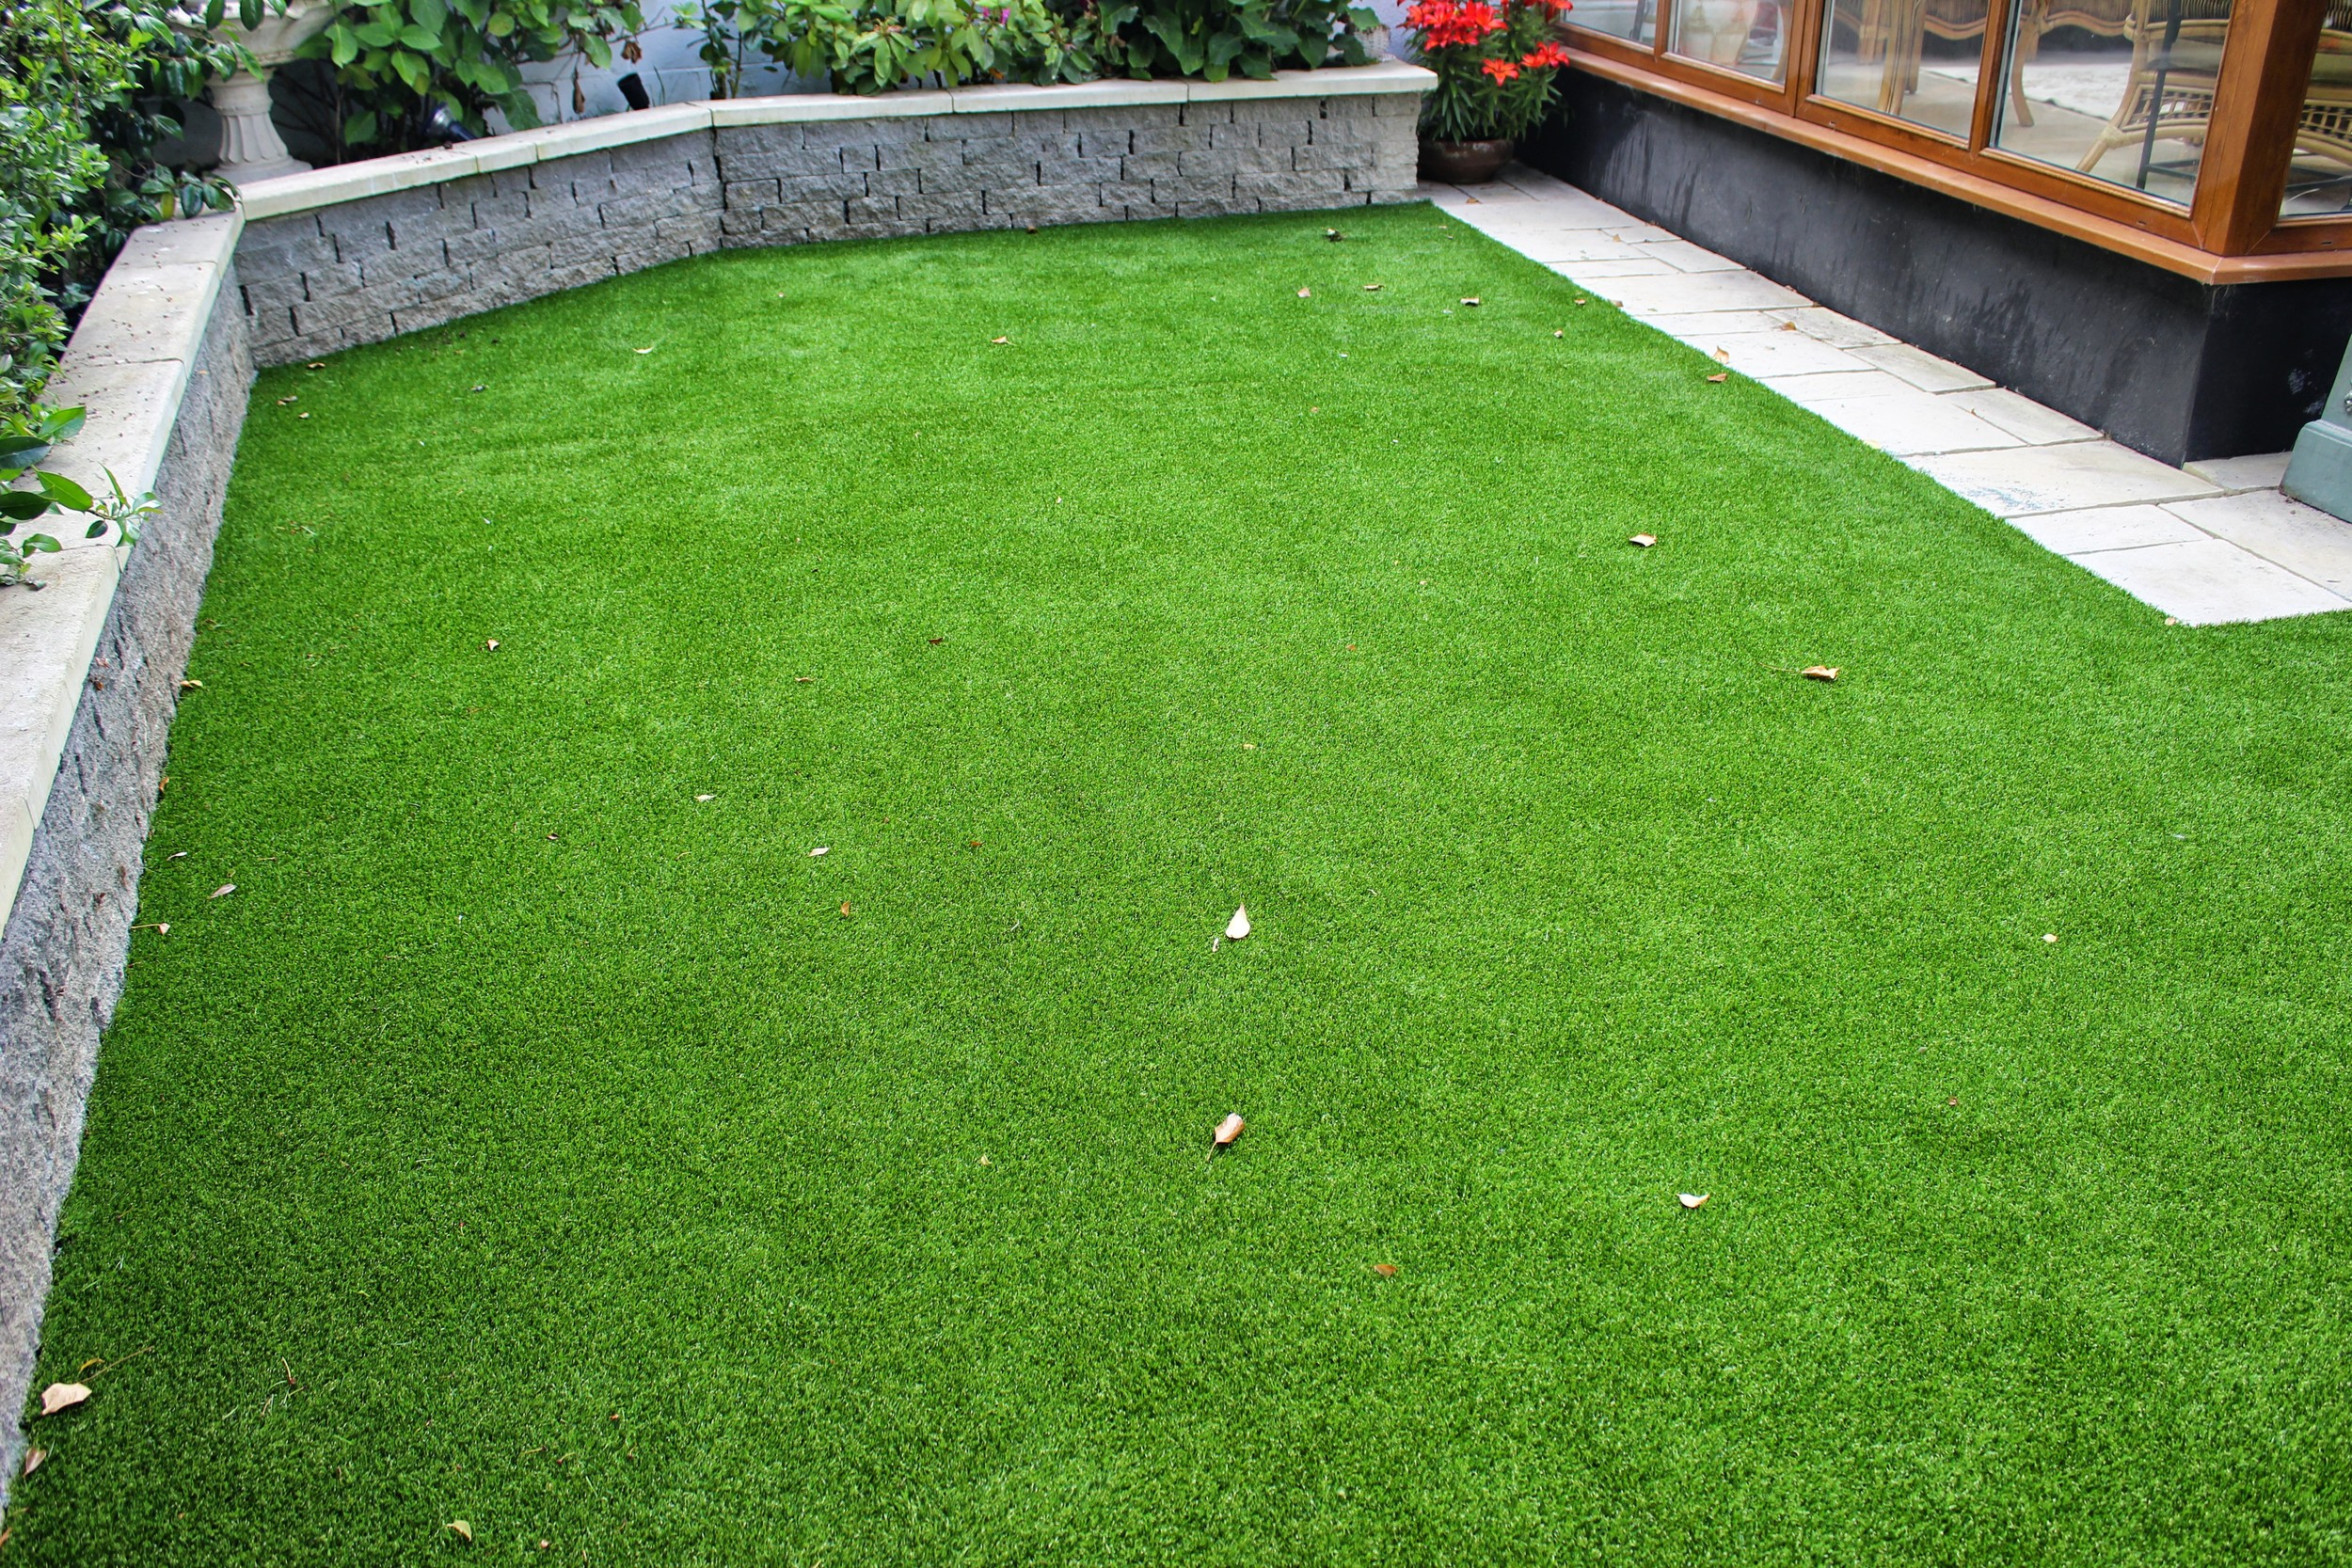 An astro turf garden lawn